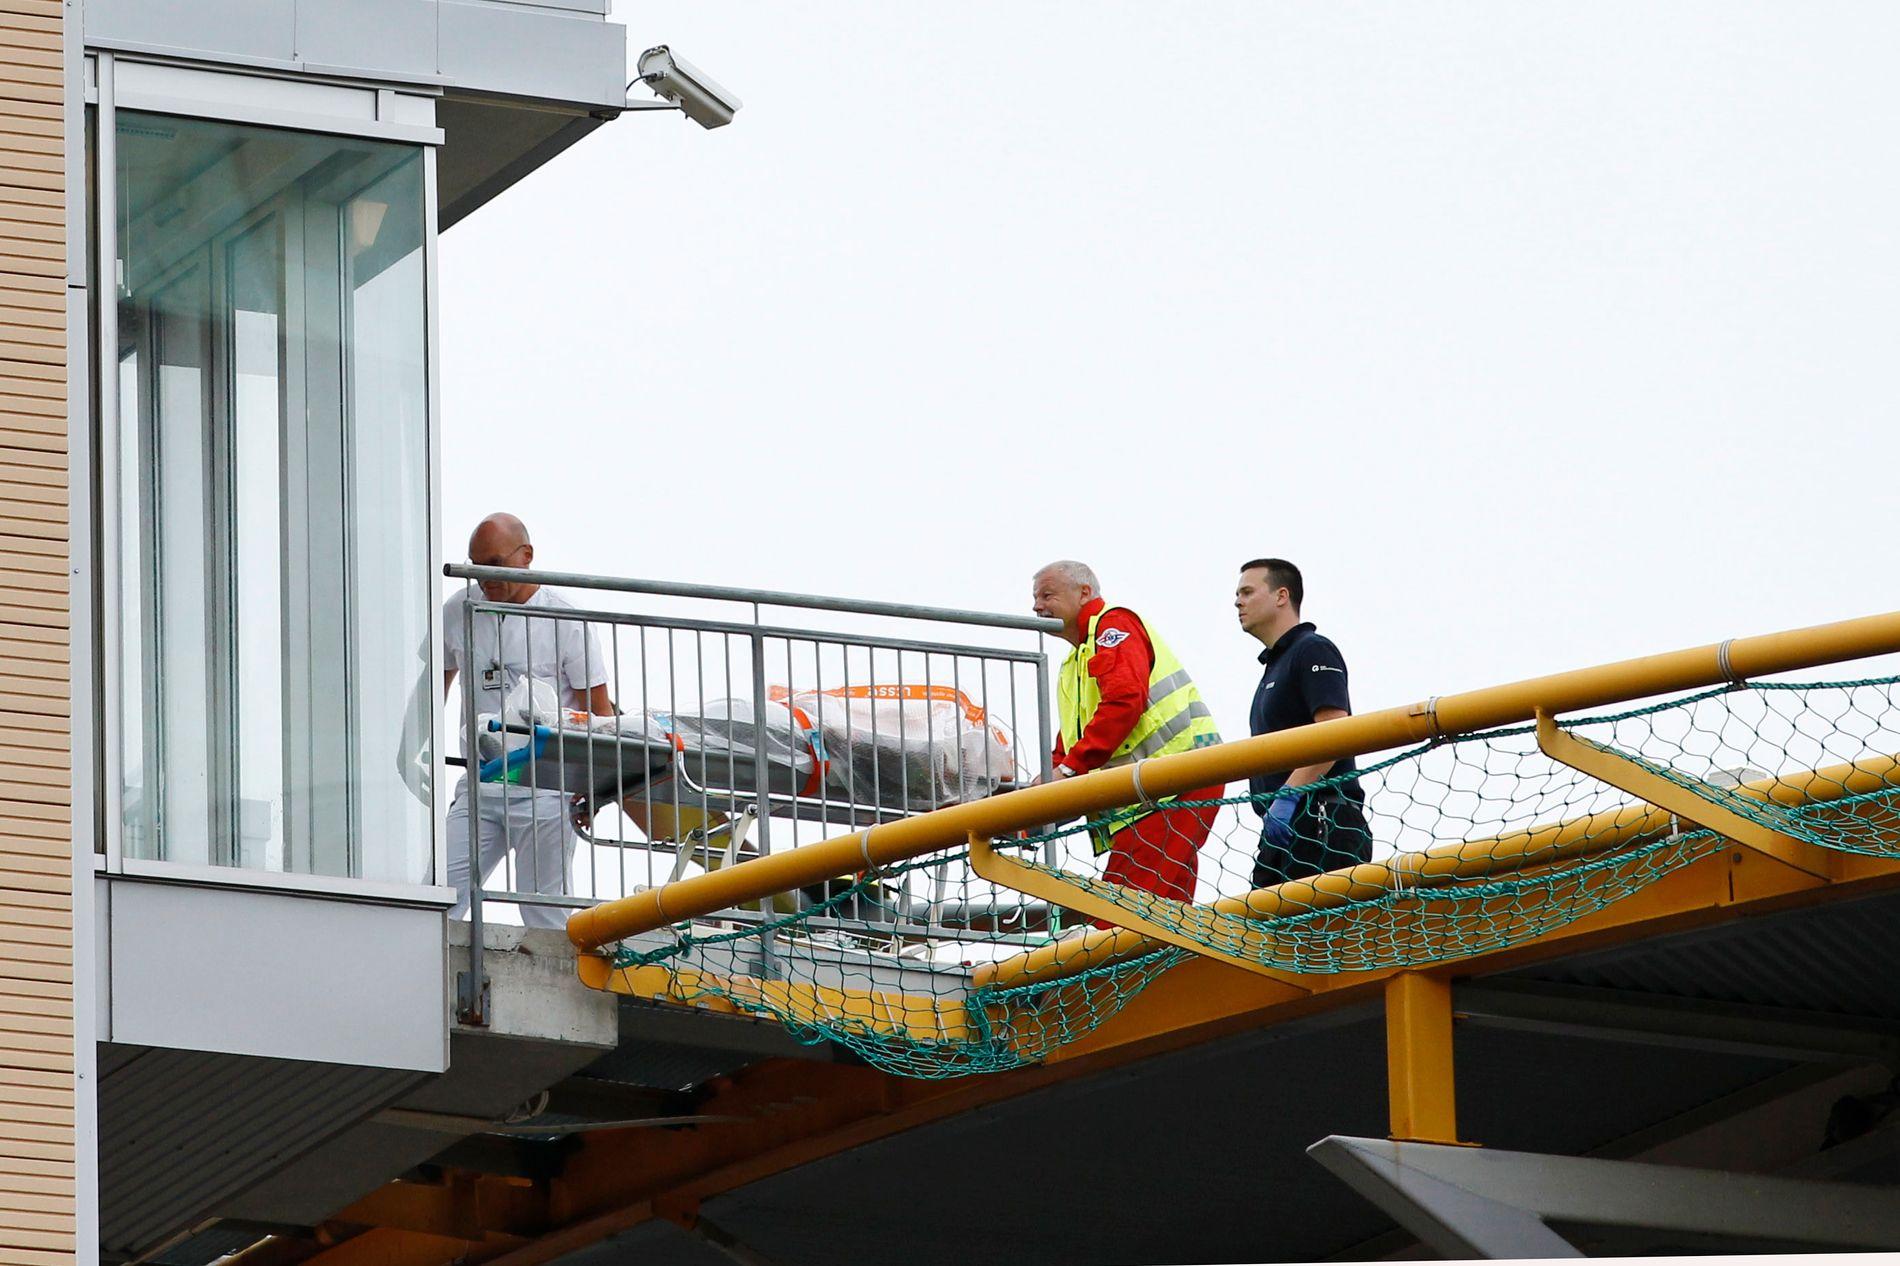 MANGE SKUTT: Flere personer er meldt omkommet og skadet etter skytingen på AUFs sommerleir på Utøya fredag ettermiddag. Her blir en skadet person fraktet inn på Ullevaal sykehus i Oslo fra ambulansehelikopteret.